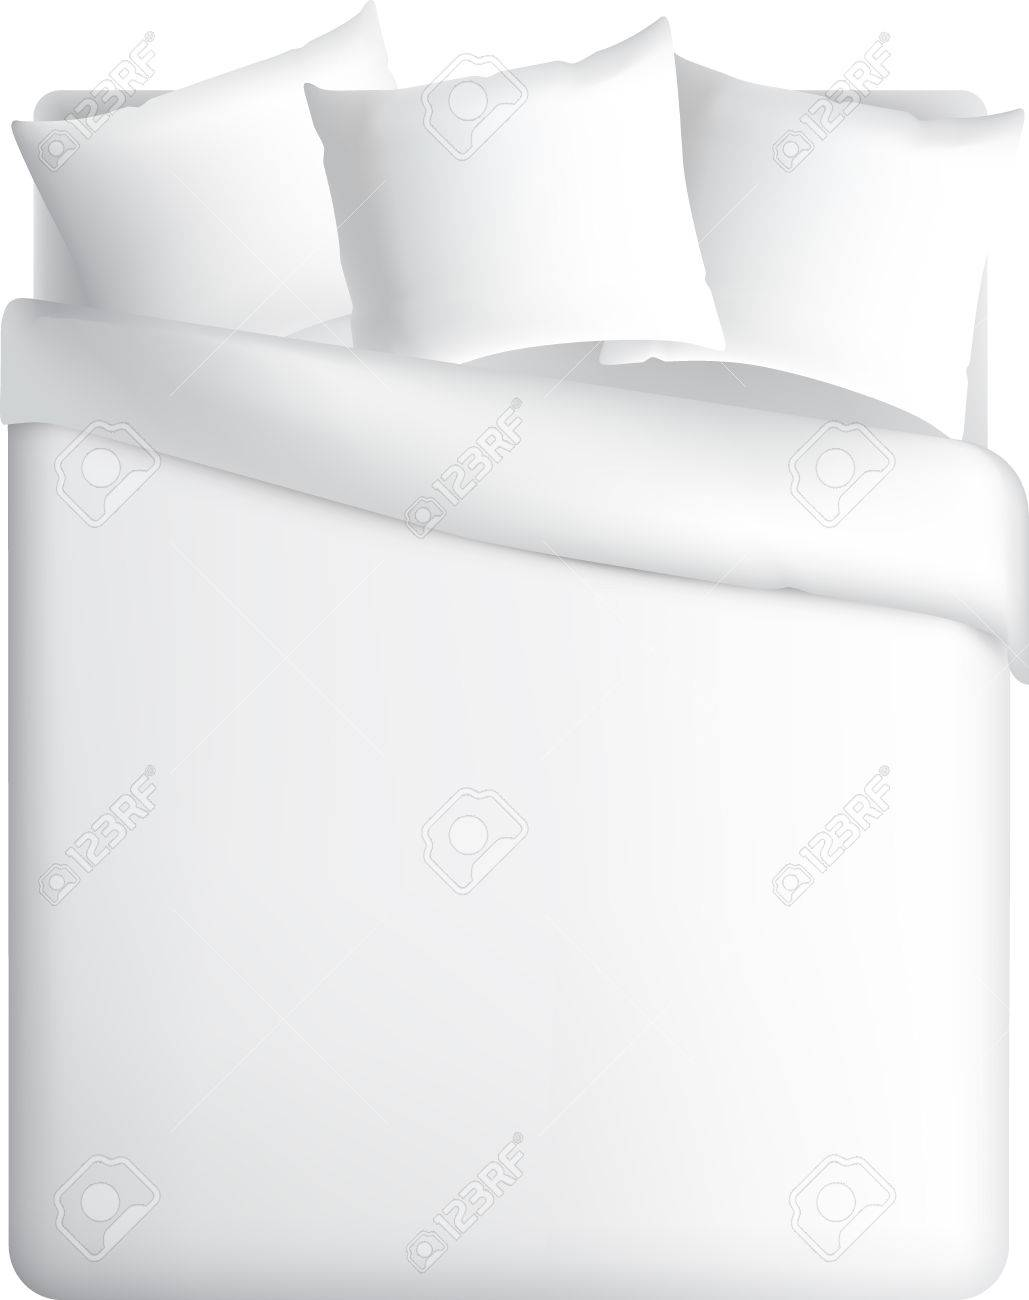 Full Size of Amazon Betten 180x200 Weiße Nolte Aus Holz 200x220 Treca Paradies 140x200 Küche Für übergewichtige Regale Kopfteile Oschmann Jugend Düsseldorf Xxl Bett Weiße Betten